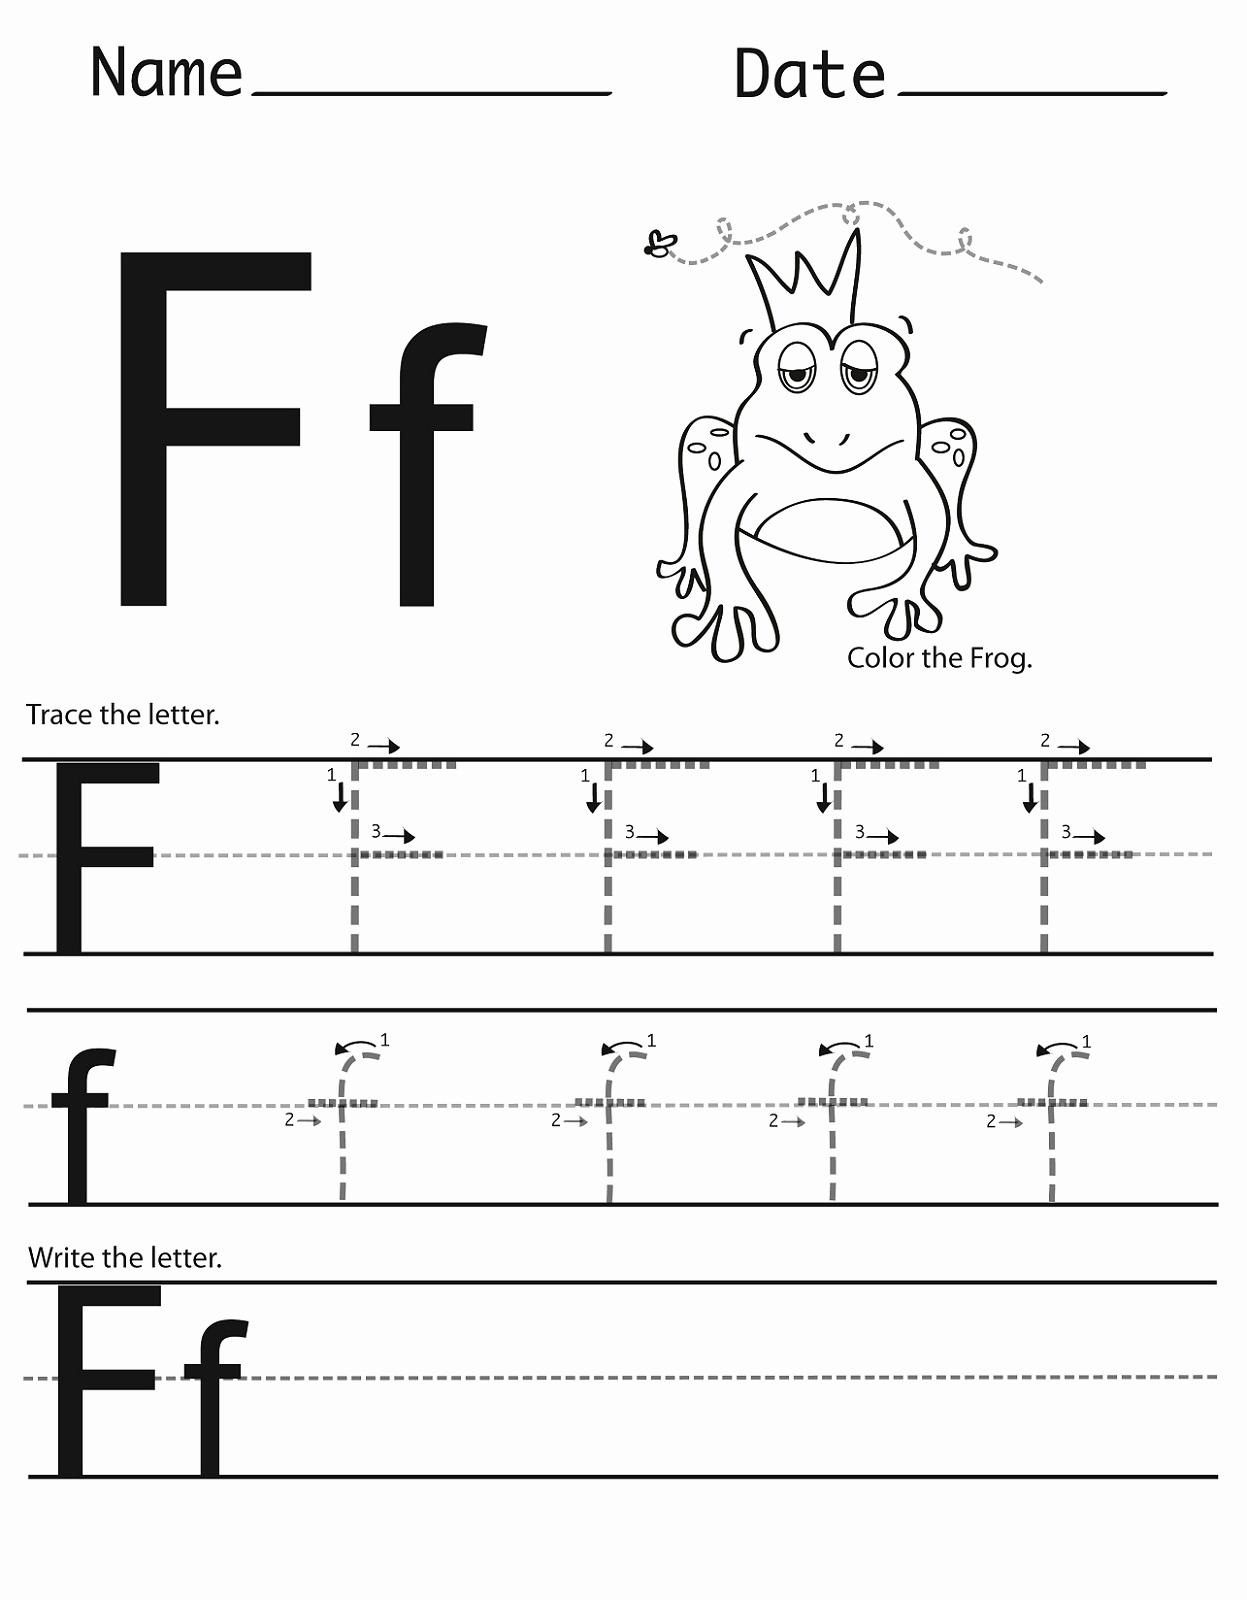 F Worksheets for Preschool Unique Letter F Worksheet for Preschool and Kindergarten